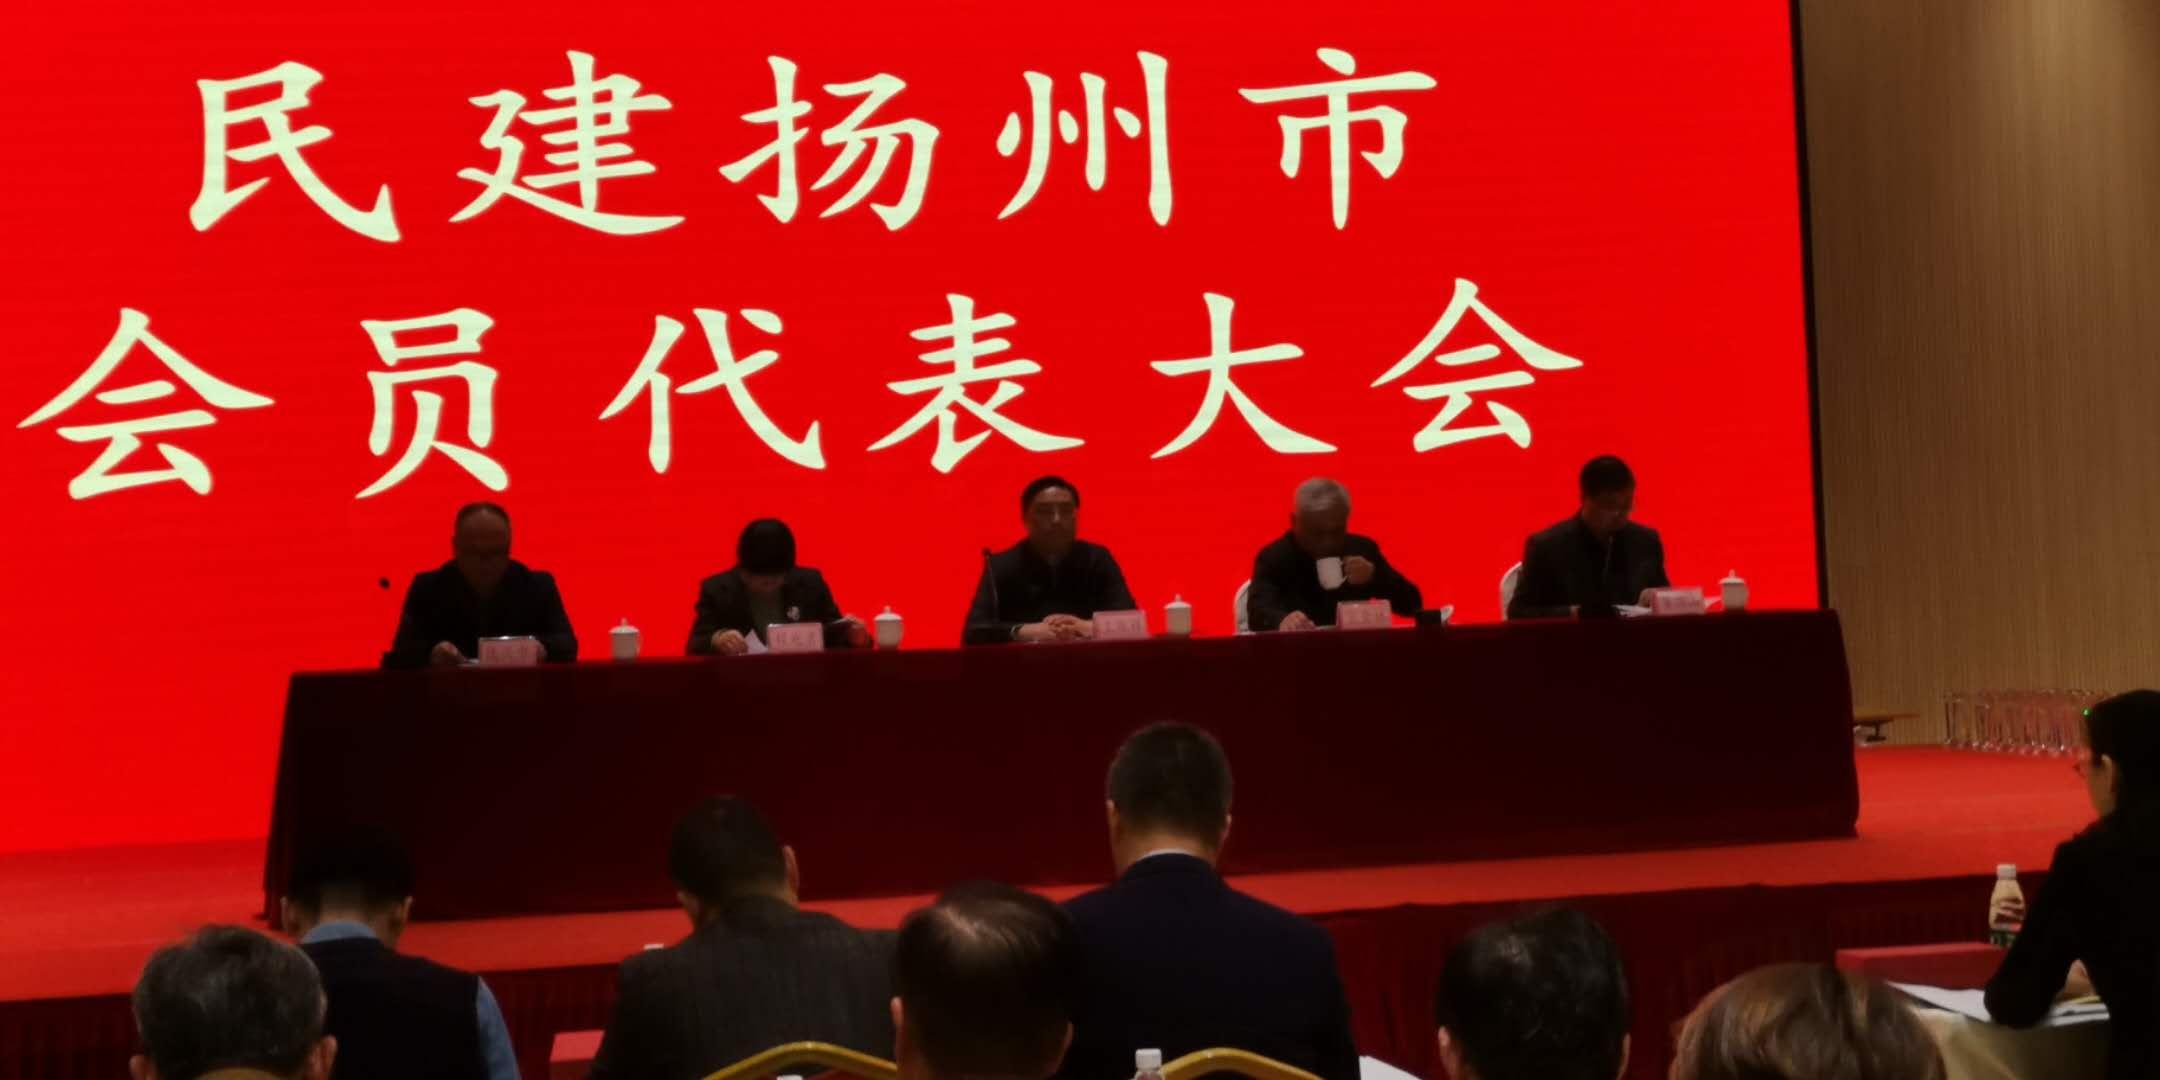 民建扬州市会员代表大会在扬盛大召开!